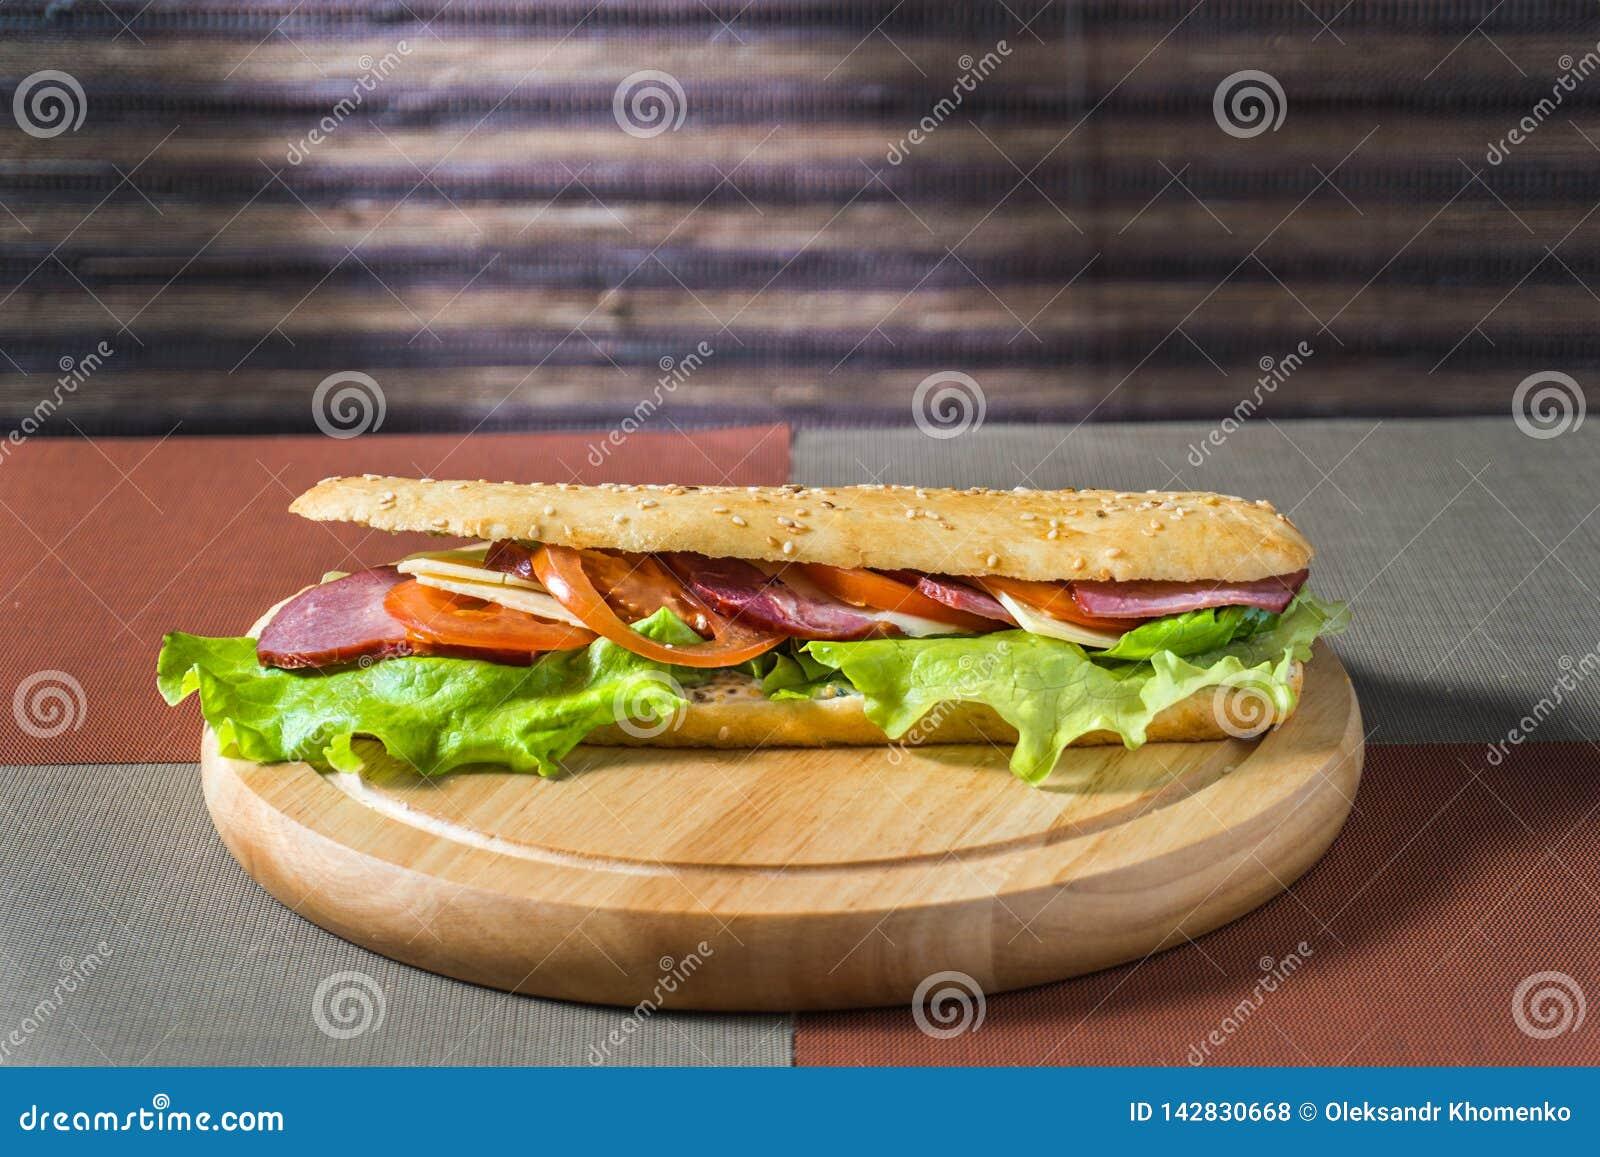 Sandwich mit Schinken und Frischgemüse